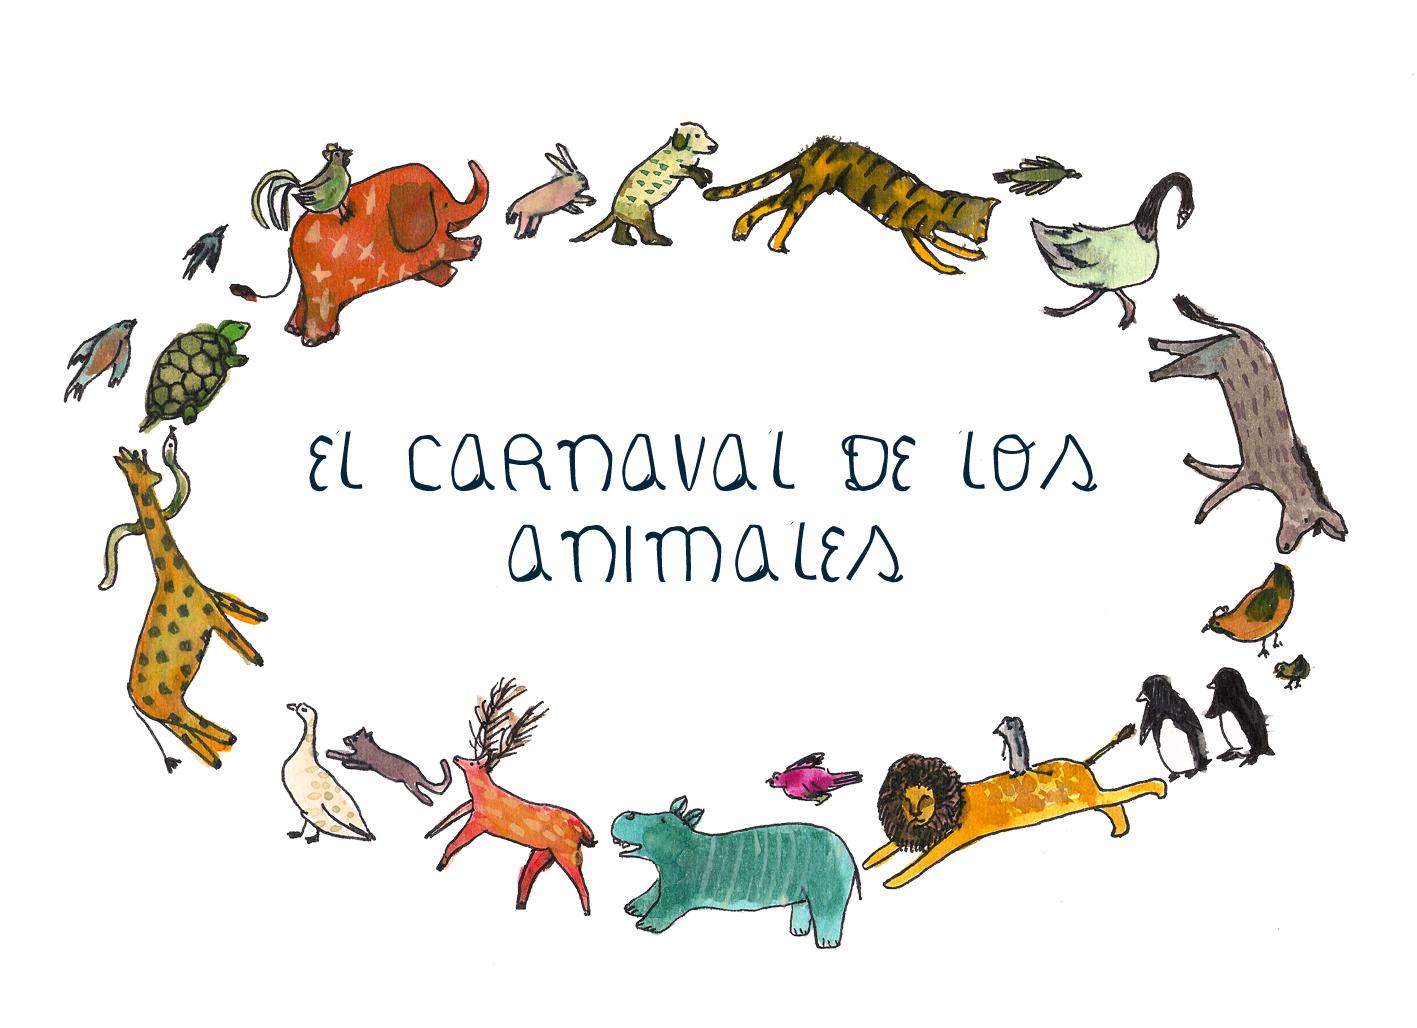 teatro el carnaval de los animales: